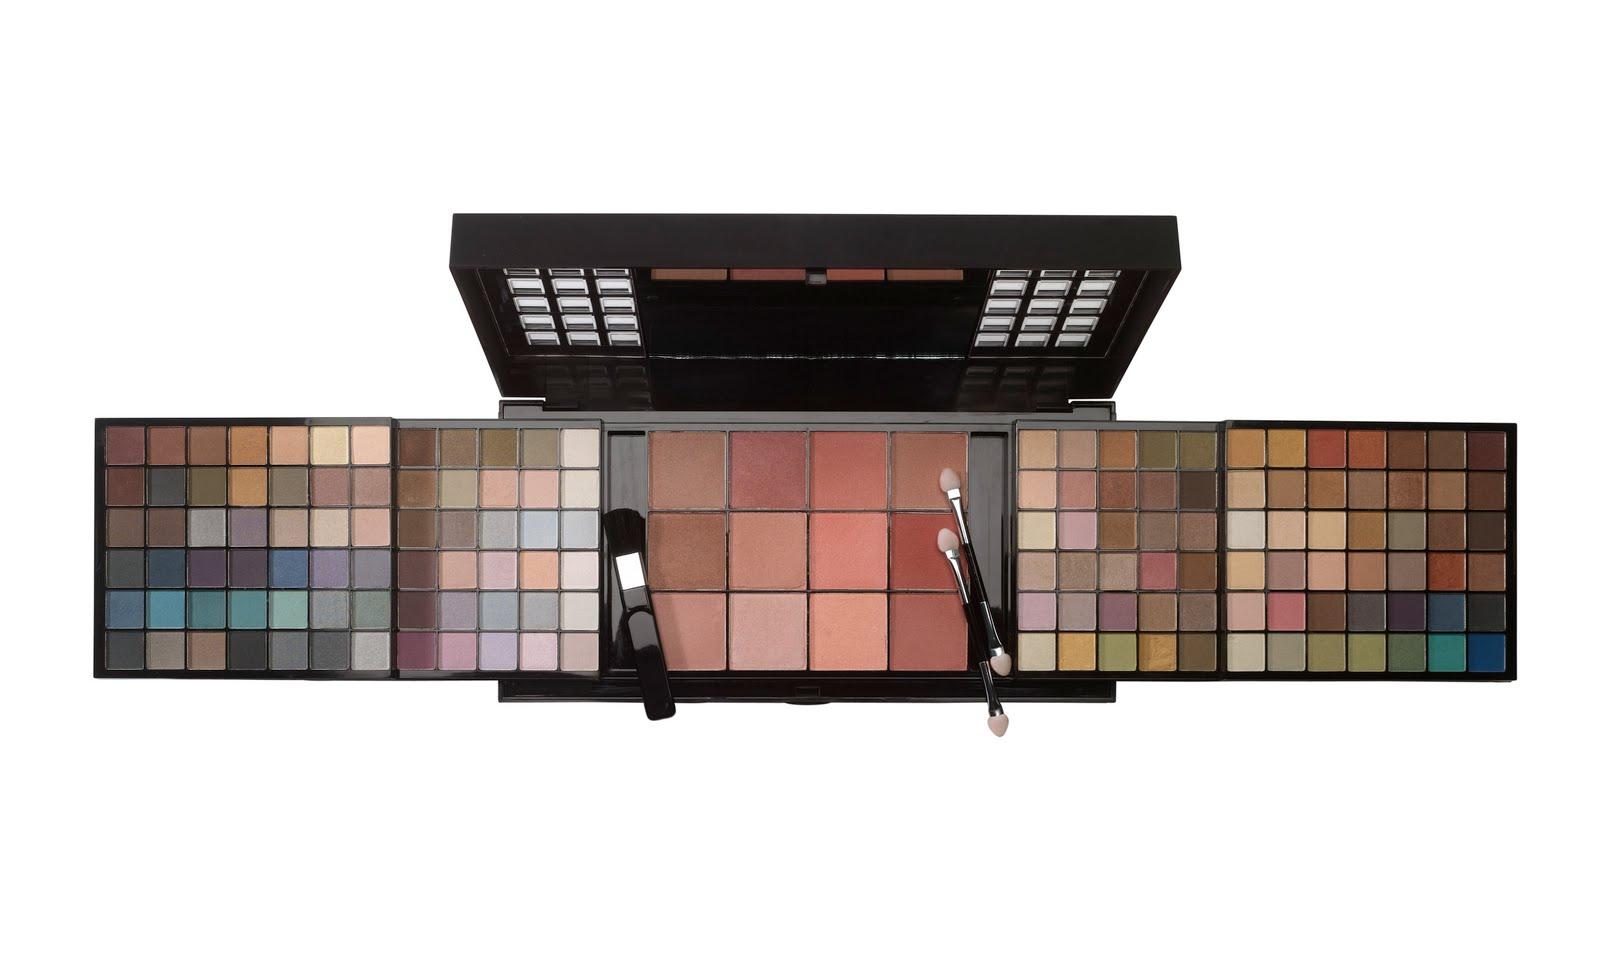 Lipgloss Break: Nordstrom Color Blockbuster Palette